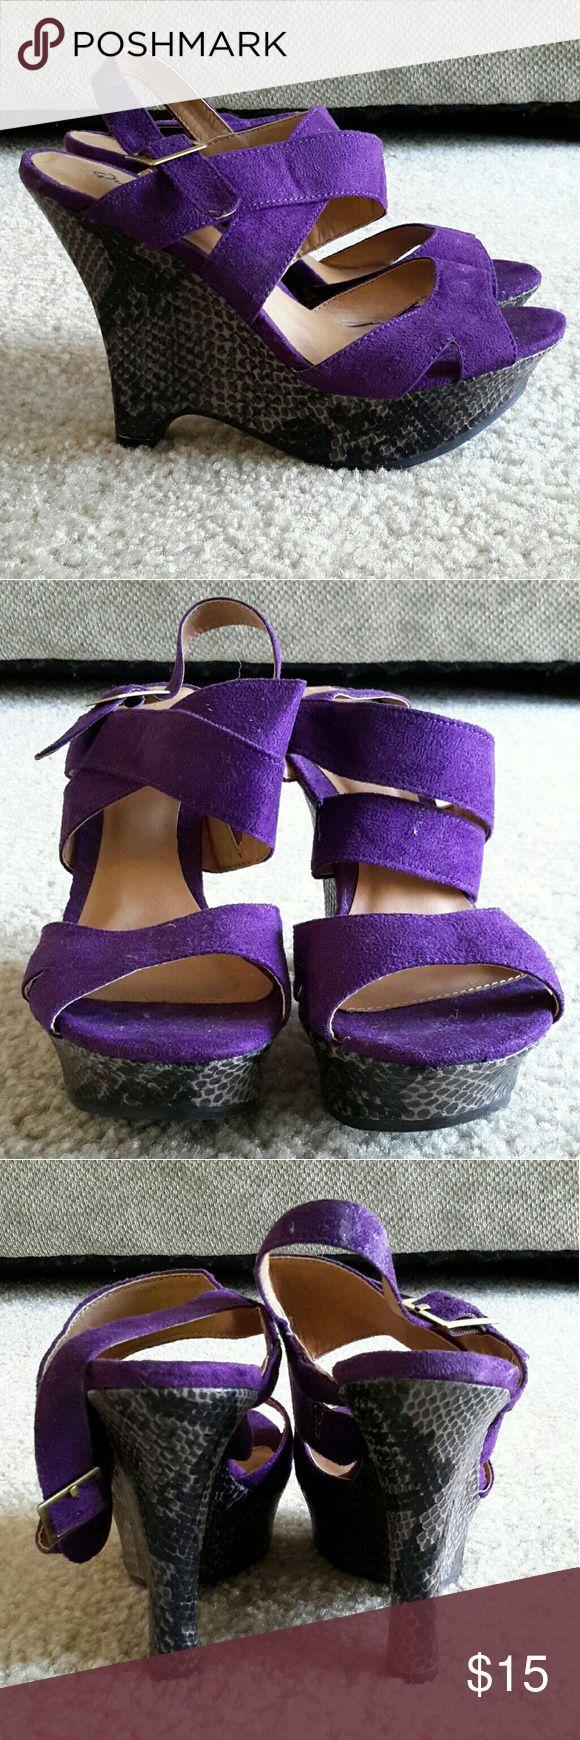 Wedges Purple with Black & Greys Suede Snakeskin Wedge Qupid Shoes Wedges